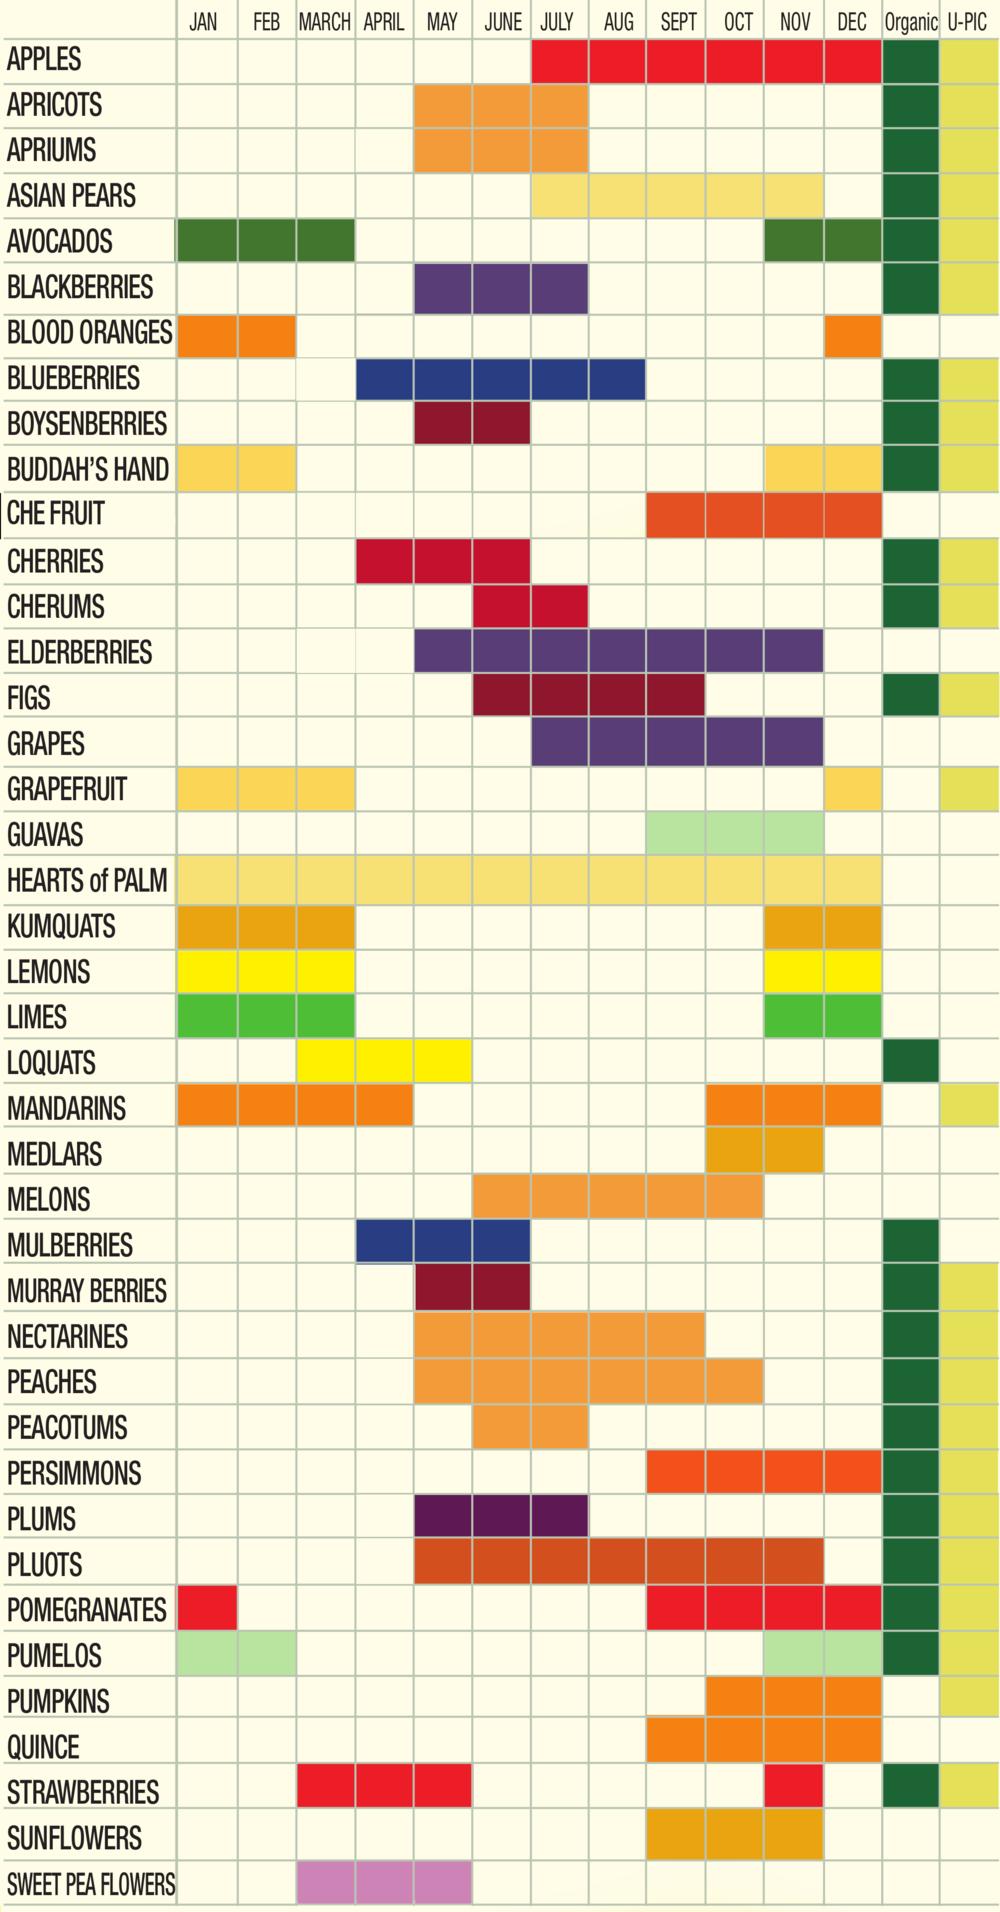 Seasonal Harvest Calendar